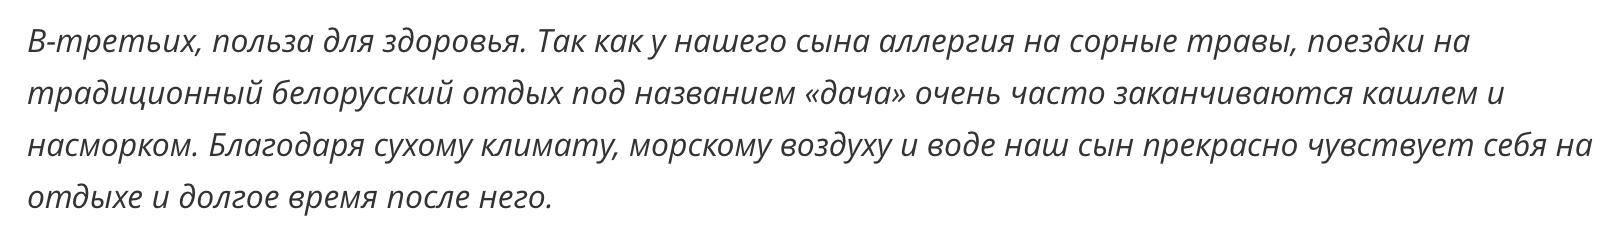 Наталья ивановна степанова. заговоры на здоровье